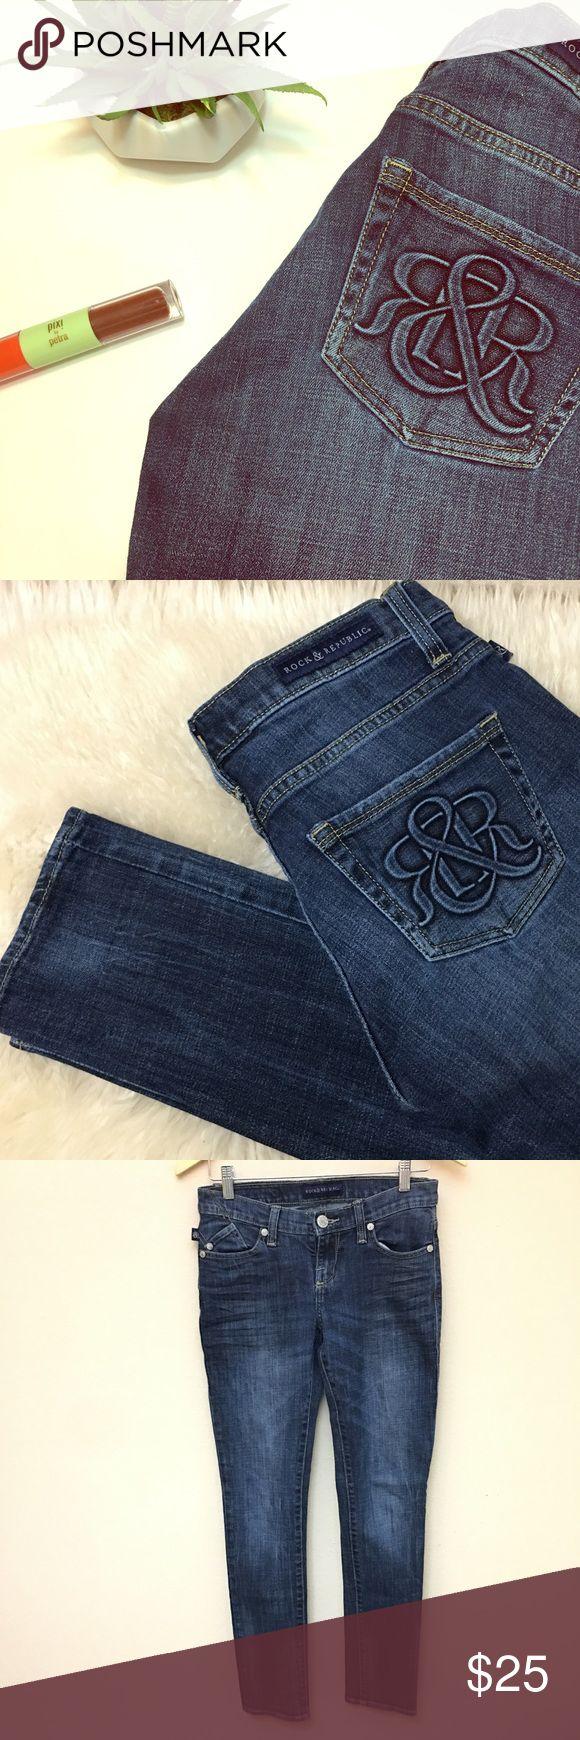 •• Rock & Republic •• Jeans BERLIN Style Rock & Republic, Berlin Style Skinny Jeans. EUC, lots of life left int these. SZ 4M Rock & Republic Jeans Skinny